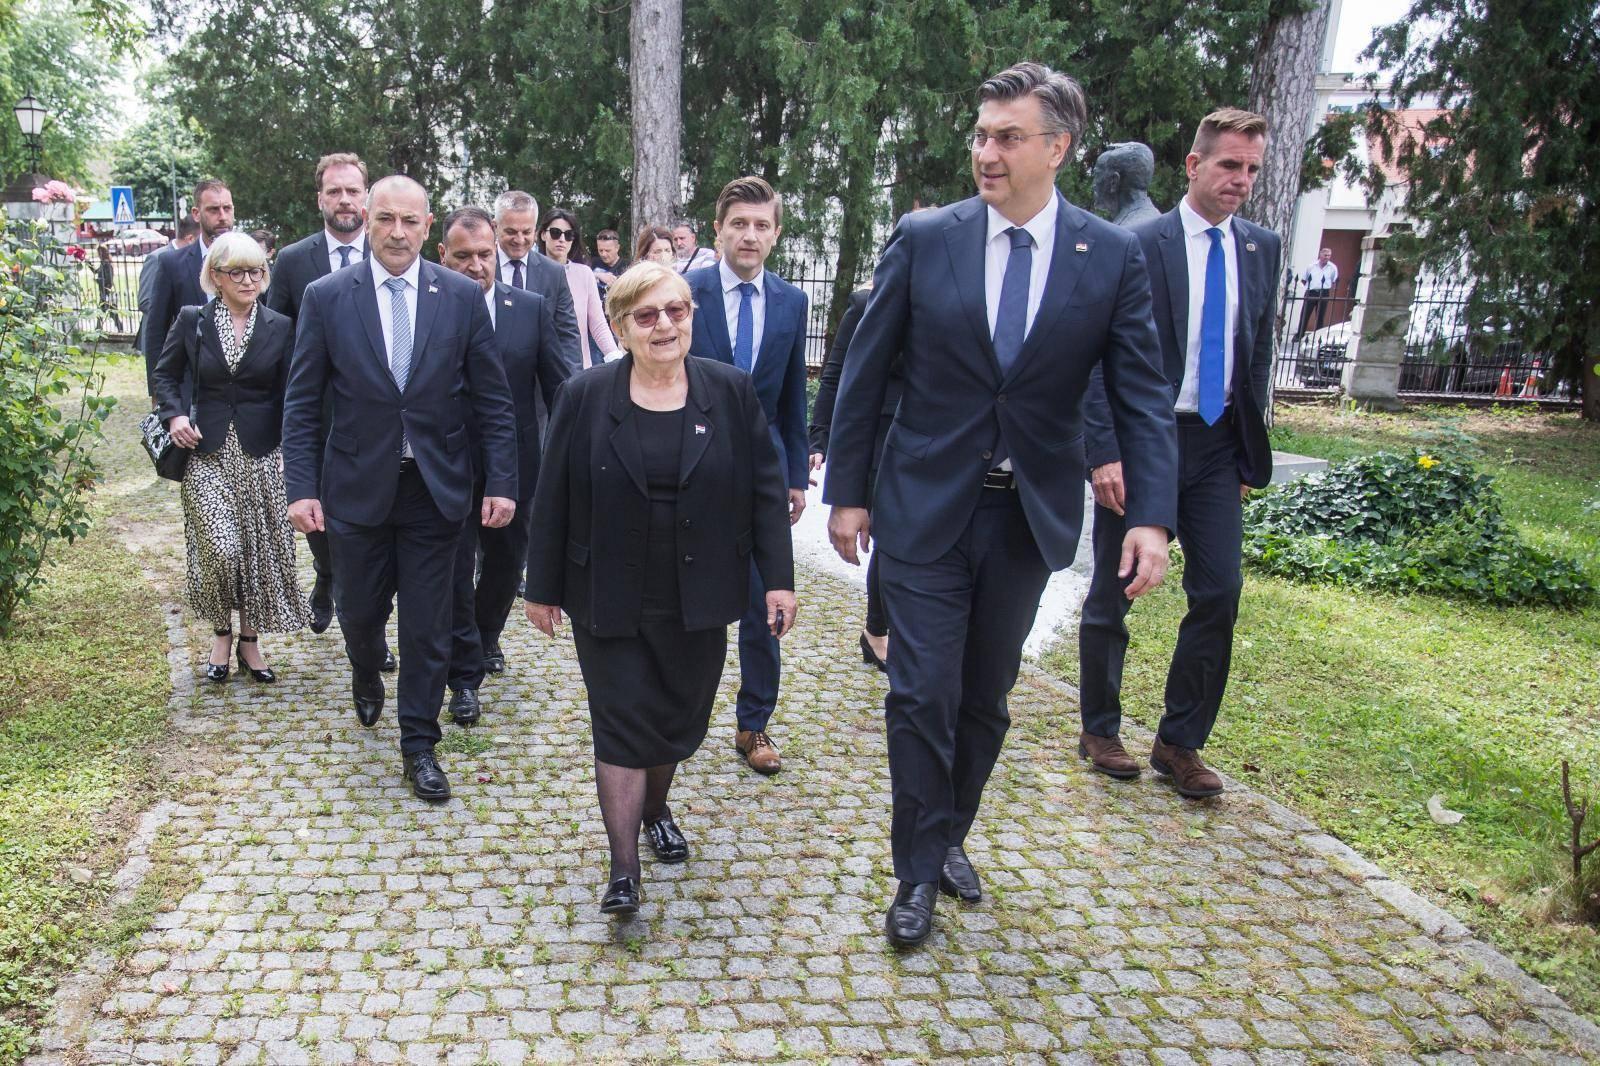 Predsjednik Vlade Andrej Plenković posjetio je Nacionalnu memorijalnu bolnicu Vukovar